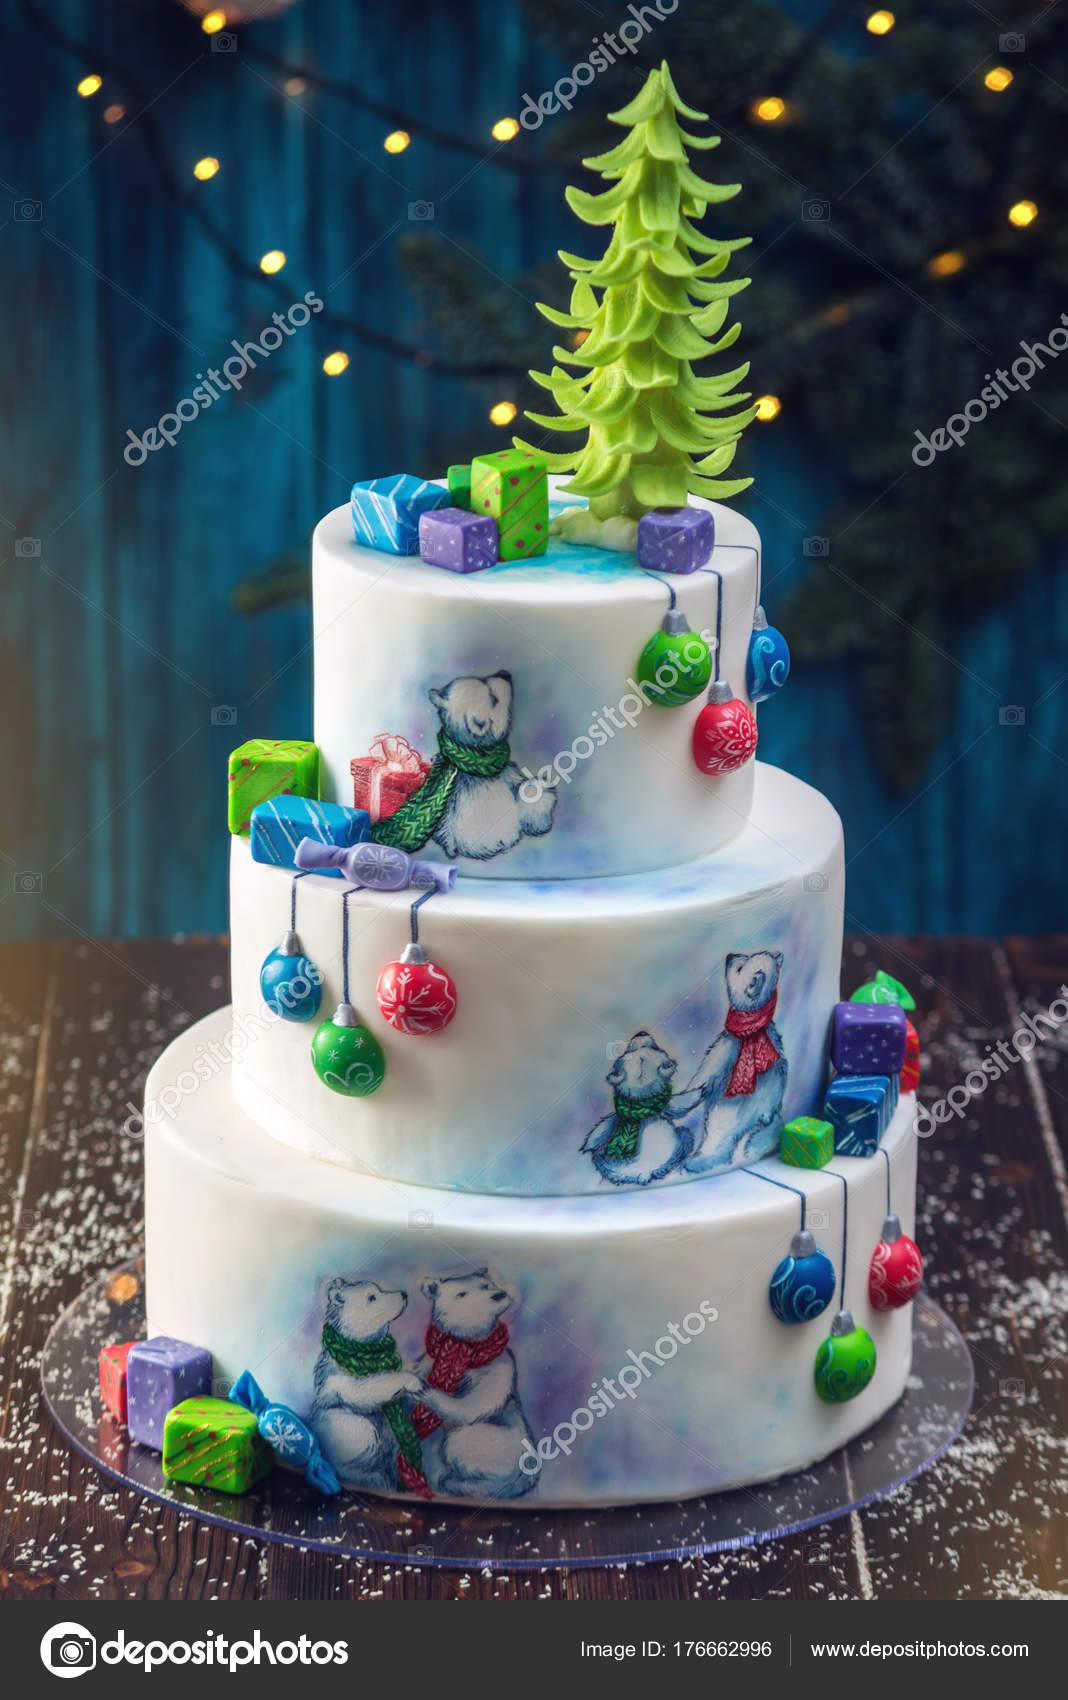 Weihnachten Bunten Dreischichtige Kuchen Verziert Mit Zeichnungen